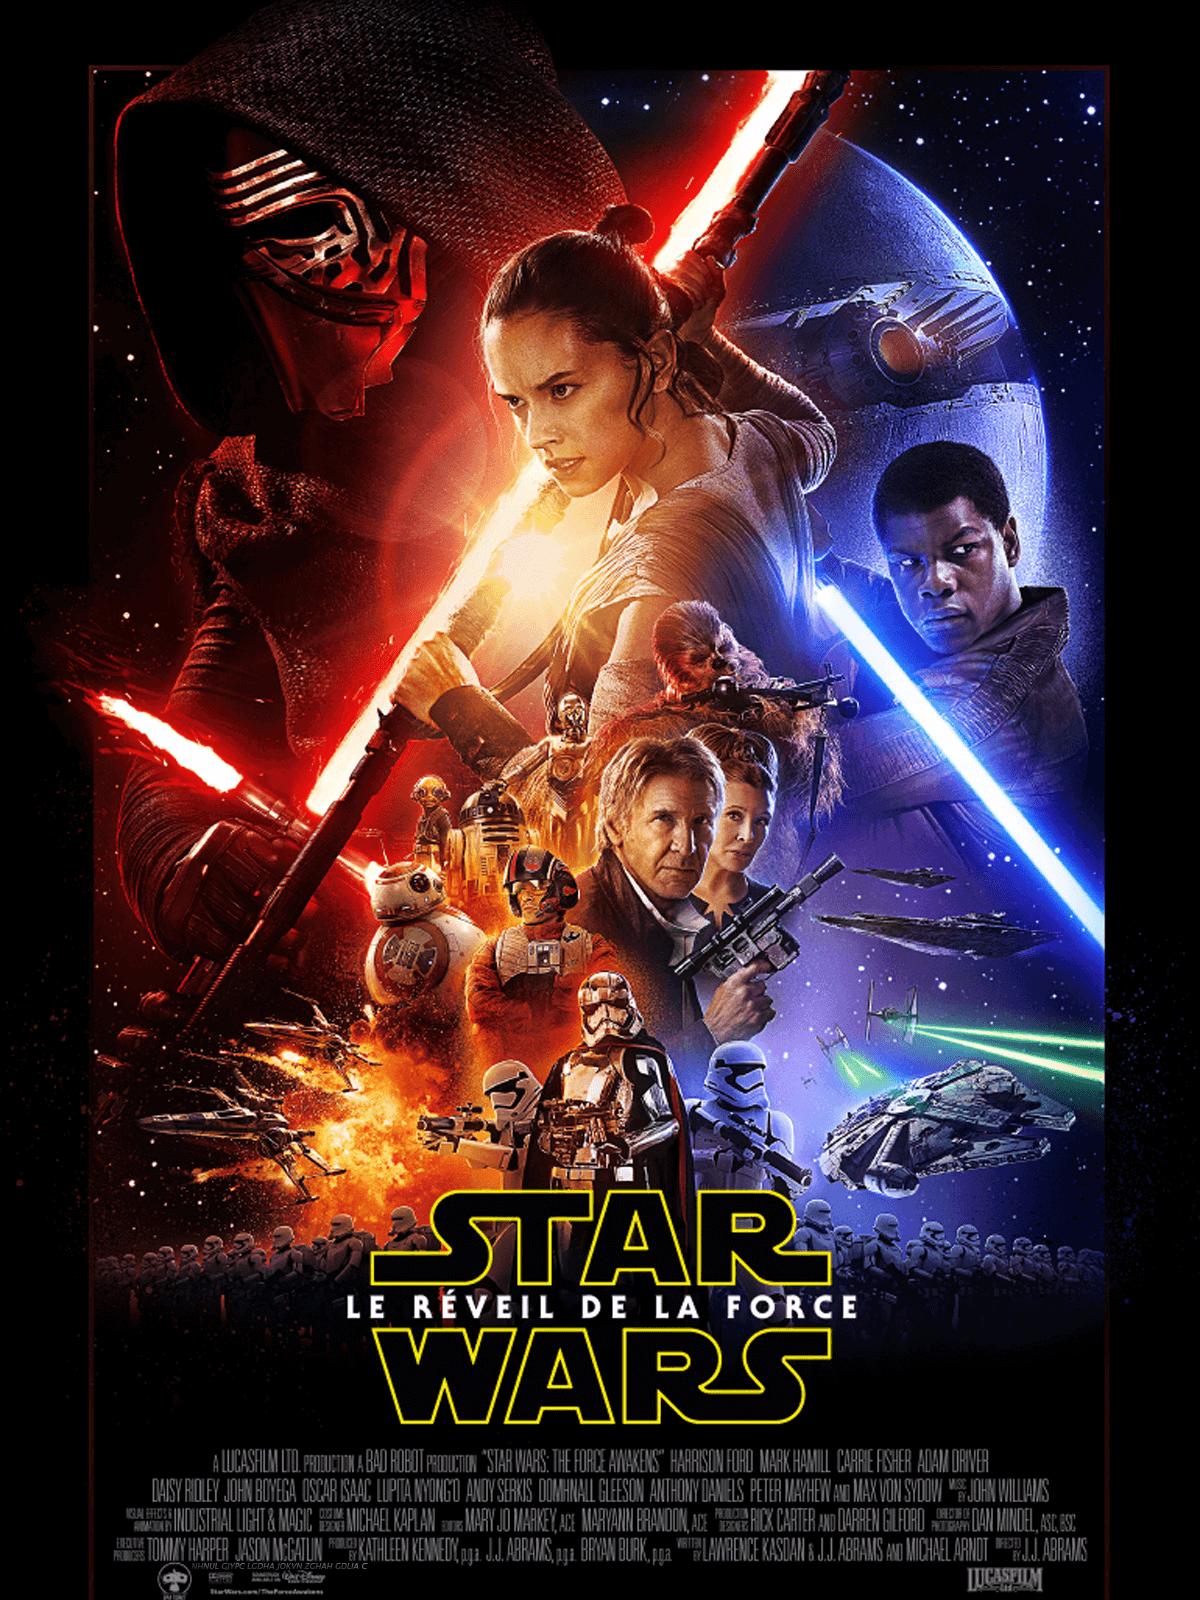 StarWars VII : le reveil de la force